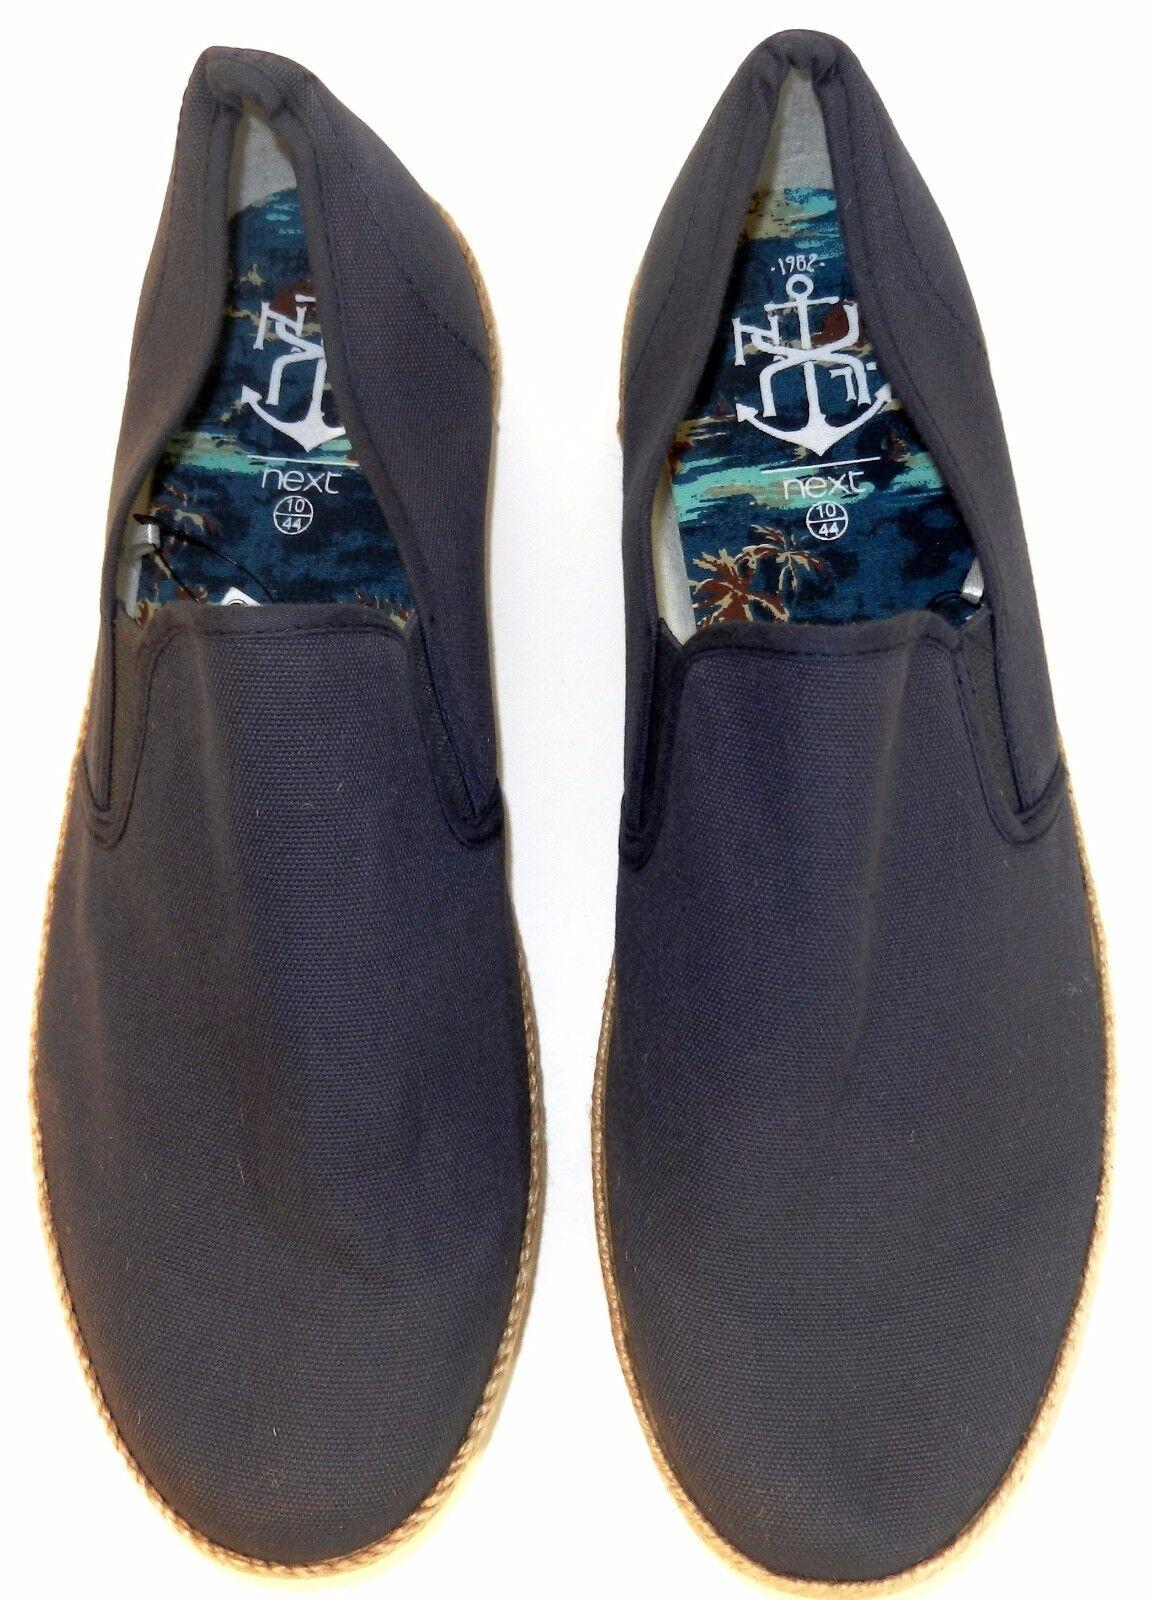 Men's Next Canvas Navy LoafersSz 12NWOB